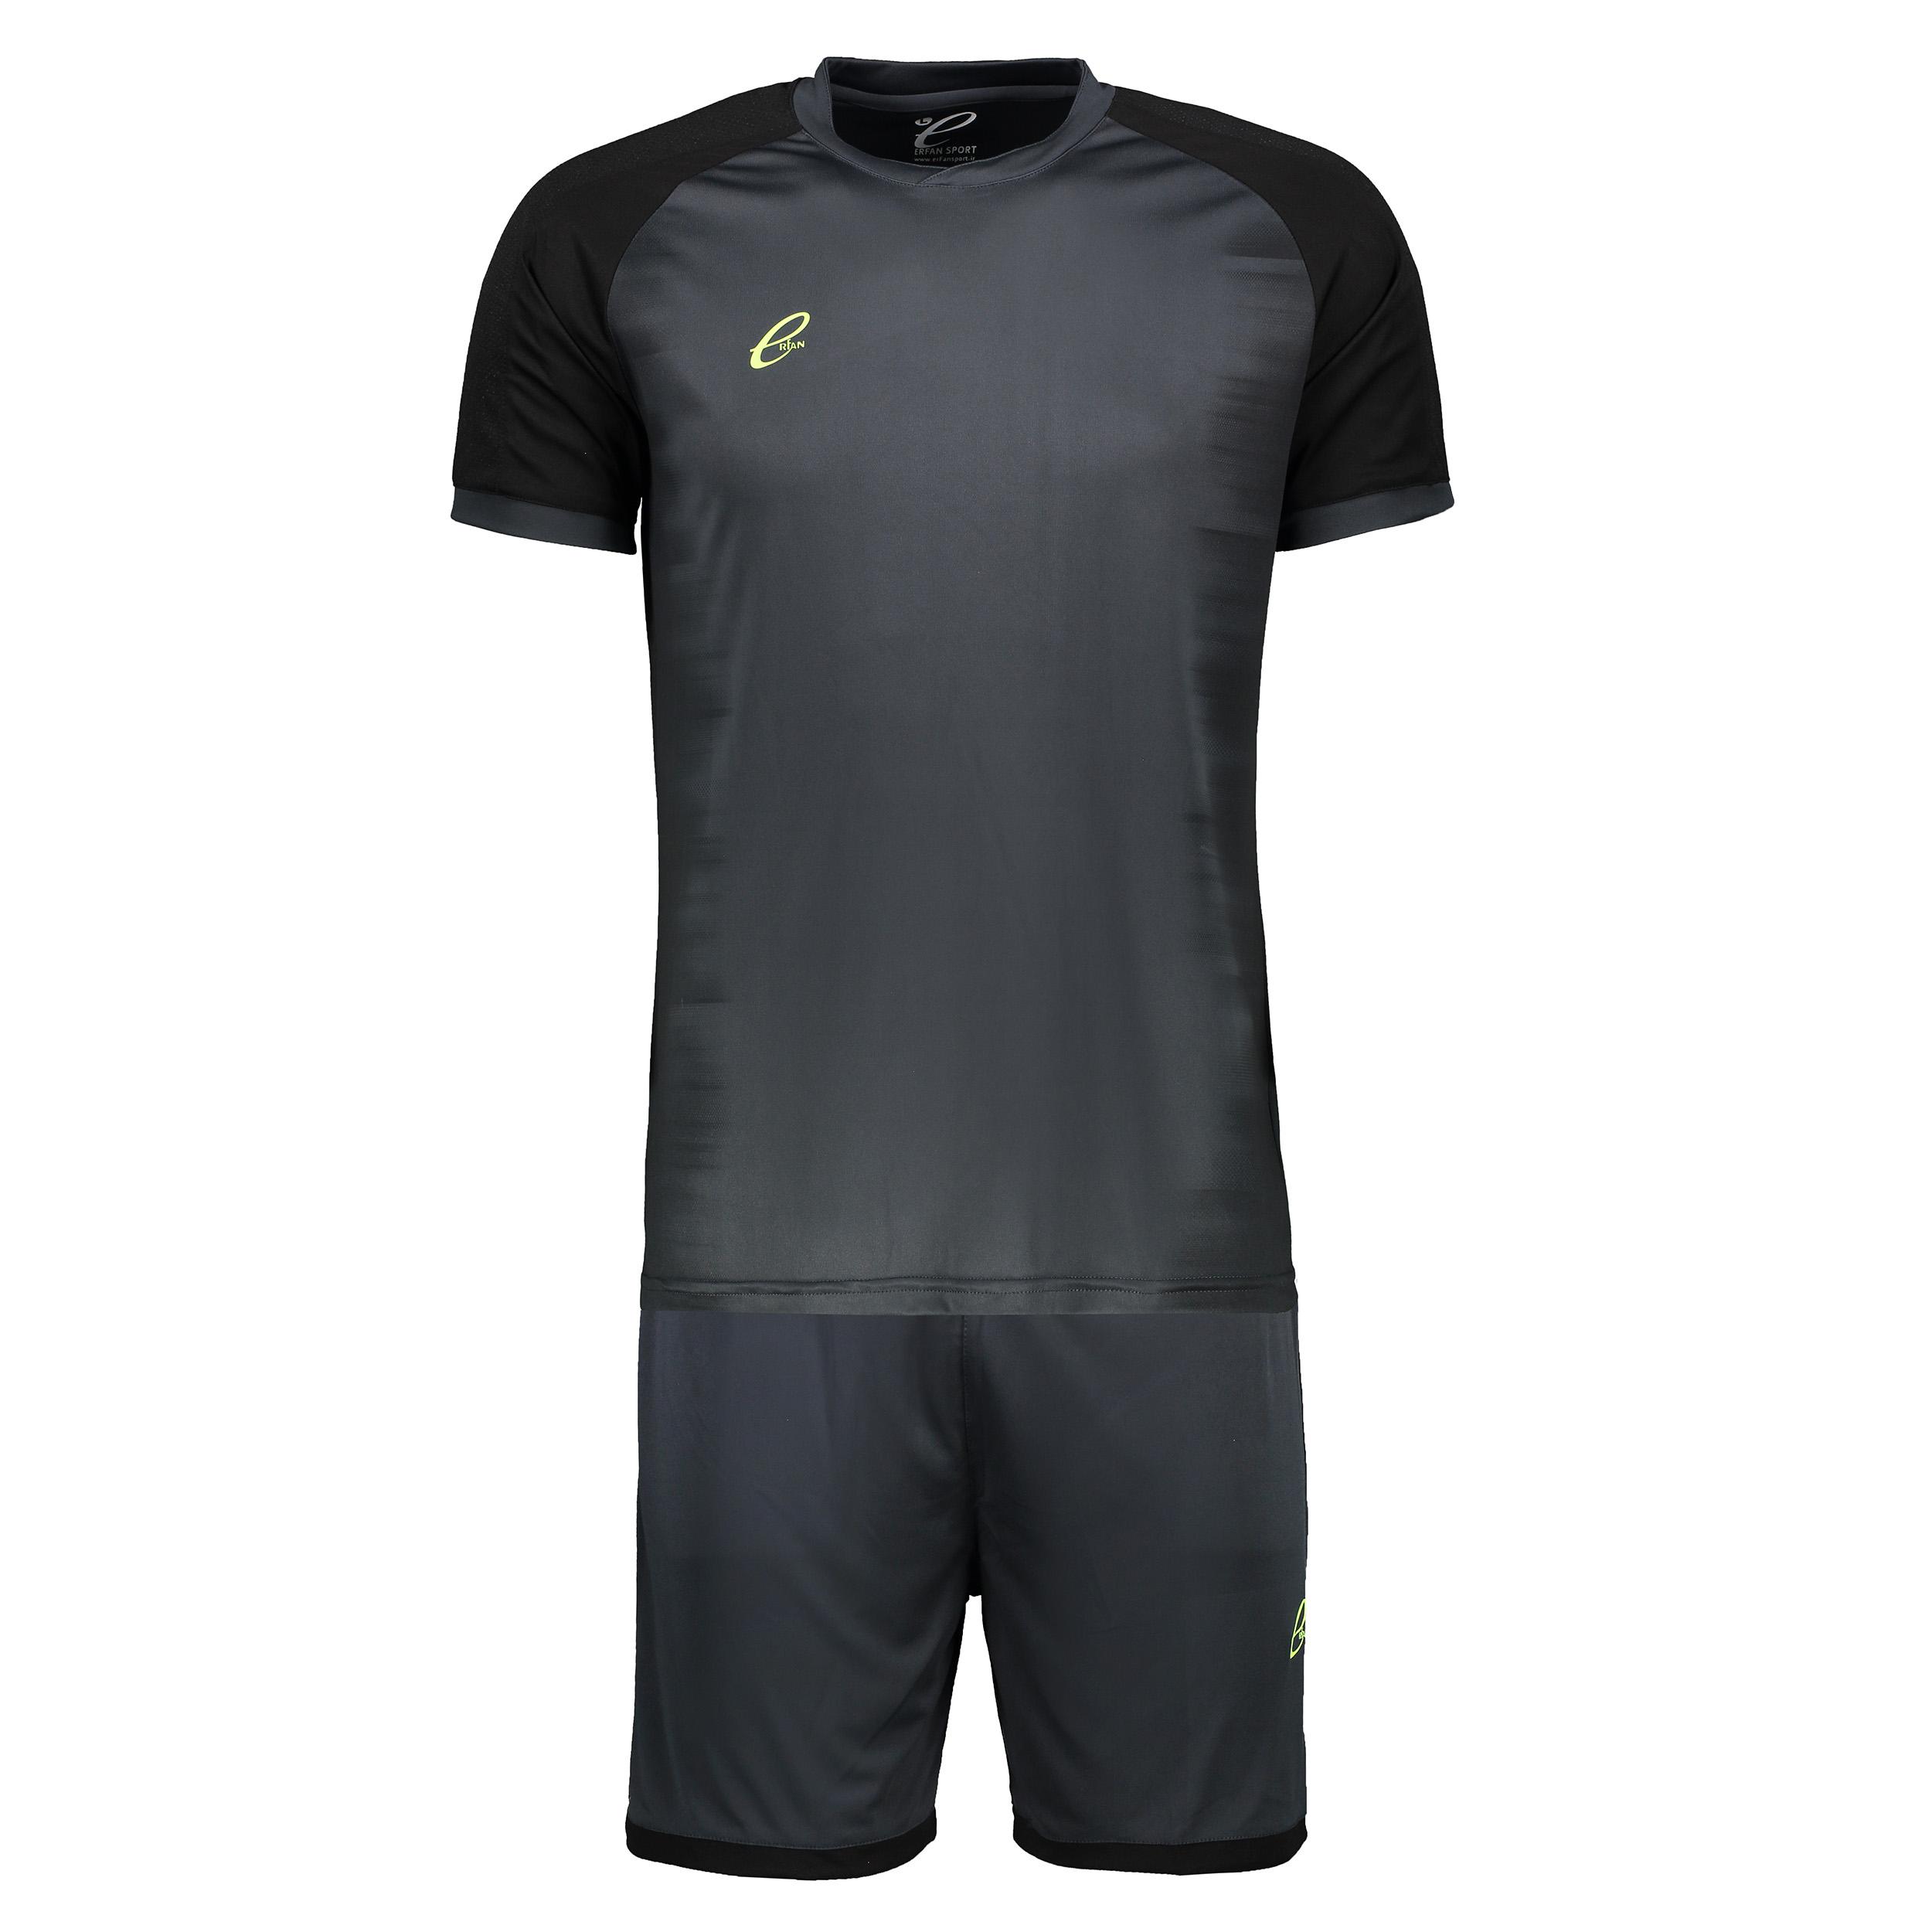 ست پیراهن و شورت ورزشی مردانه کد 1099CG